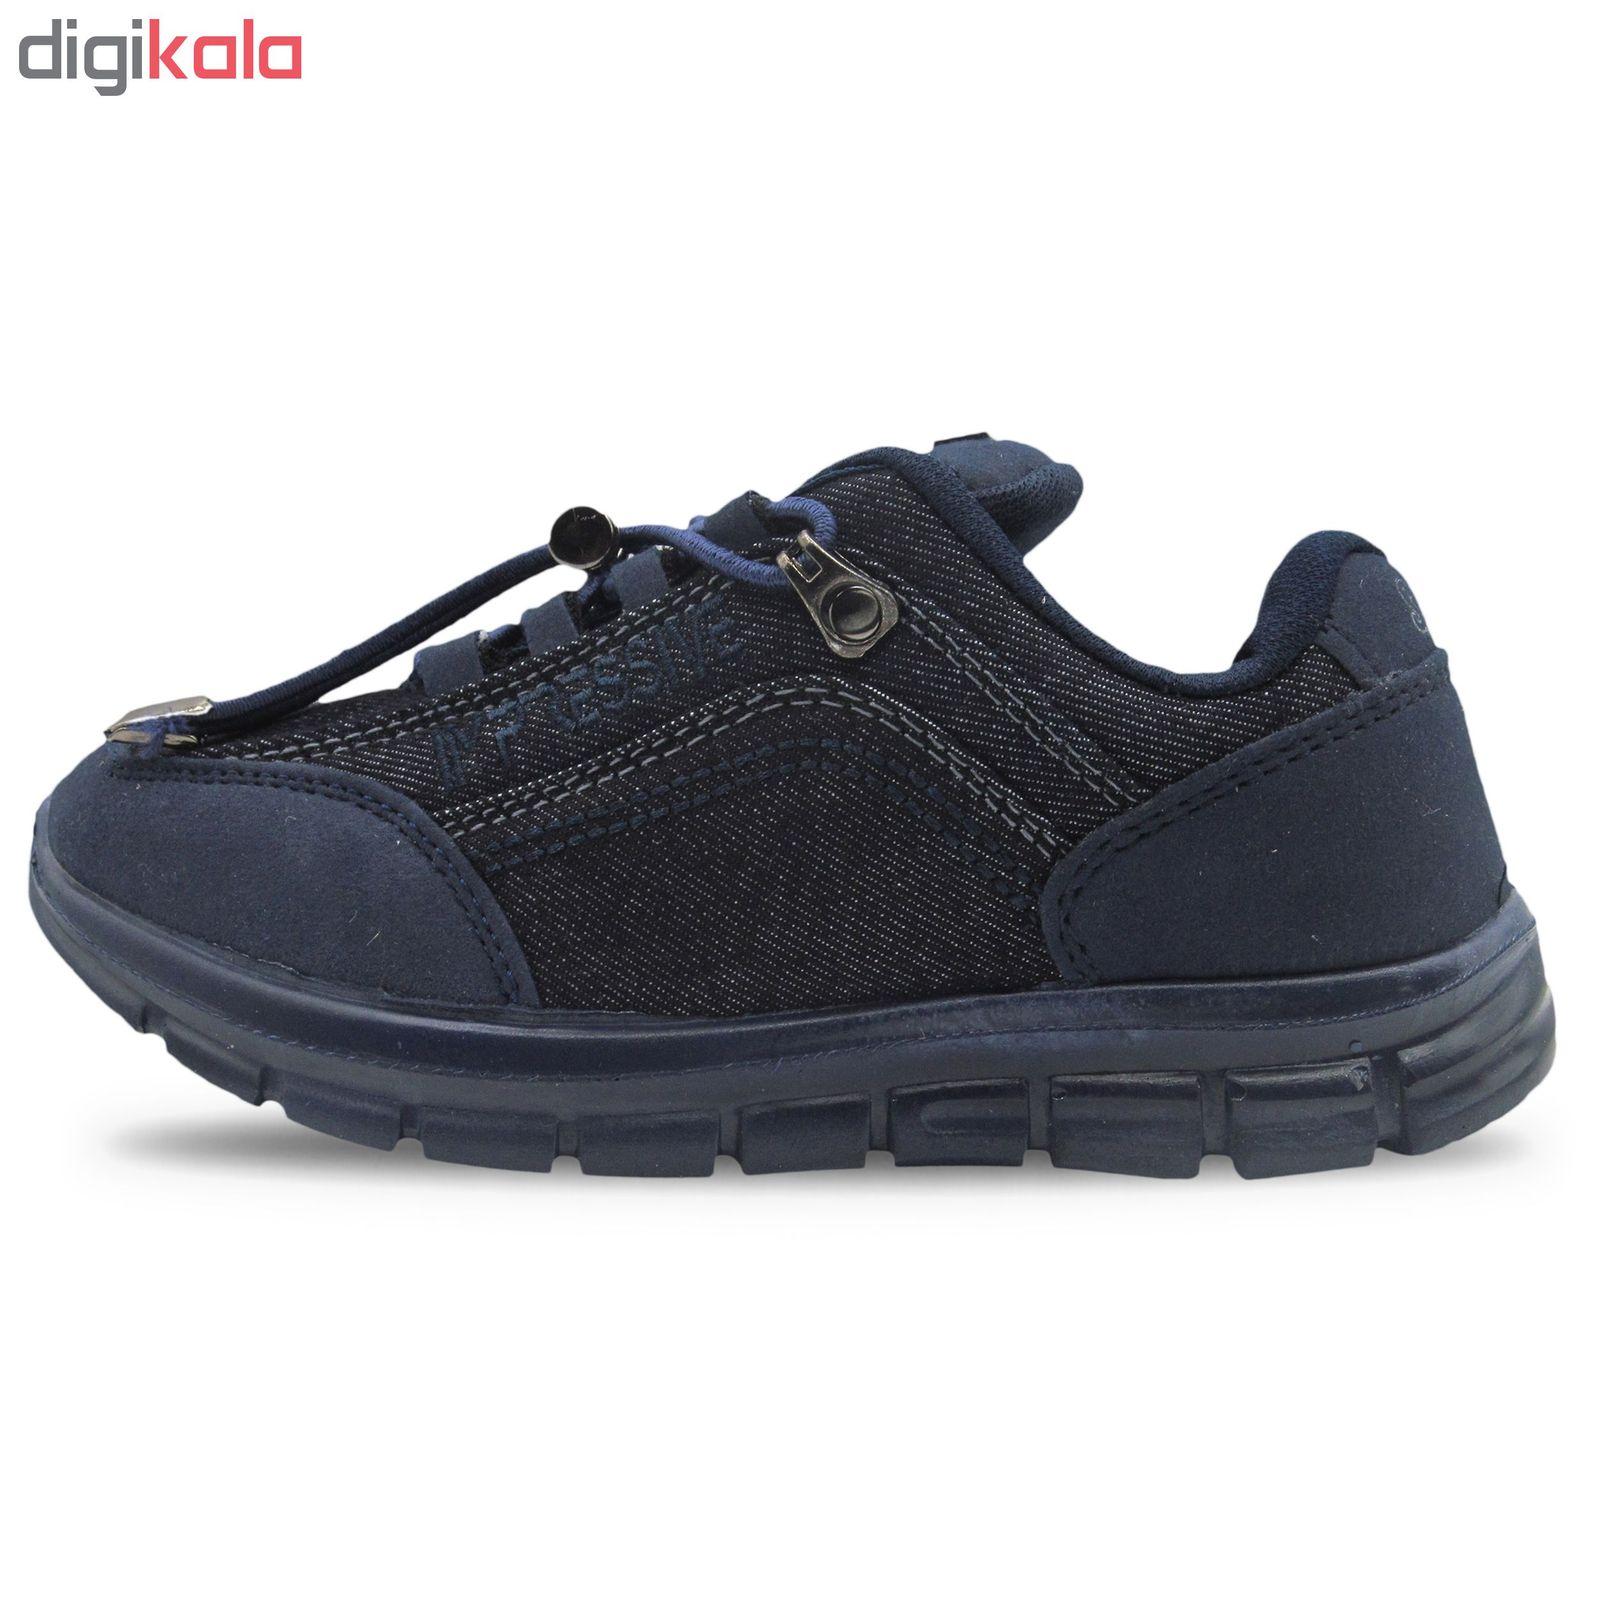 کفش بچه گانه شیما مدل اسکات کد 1197